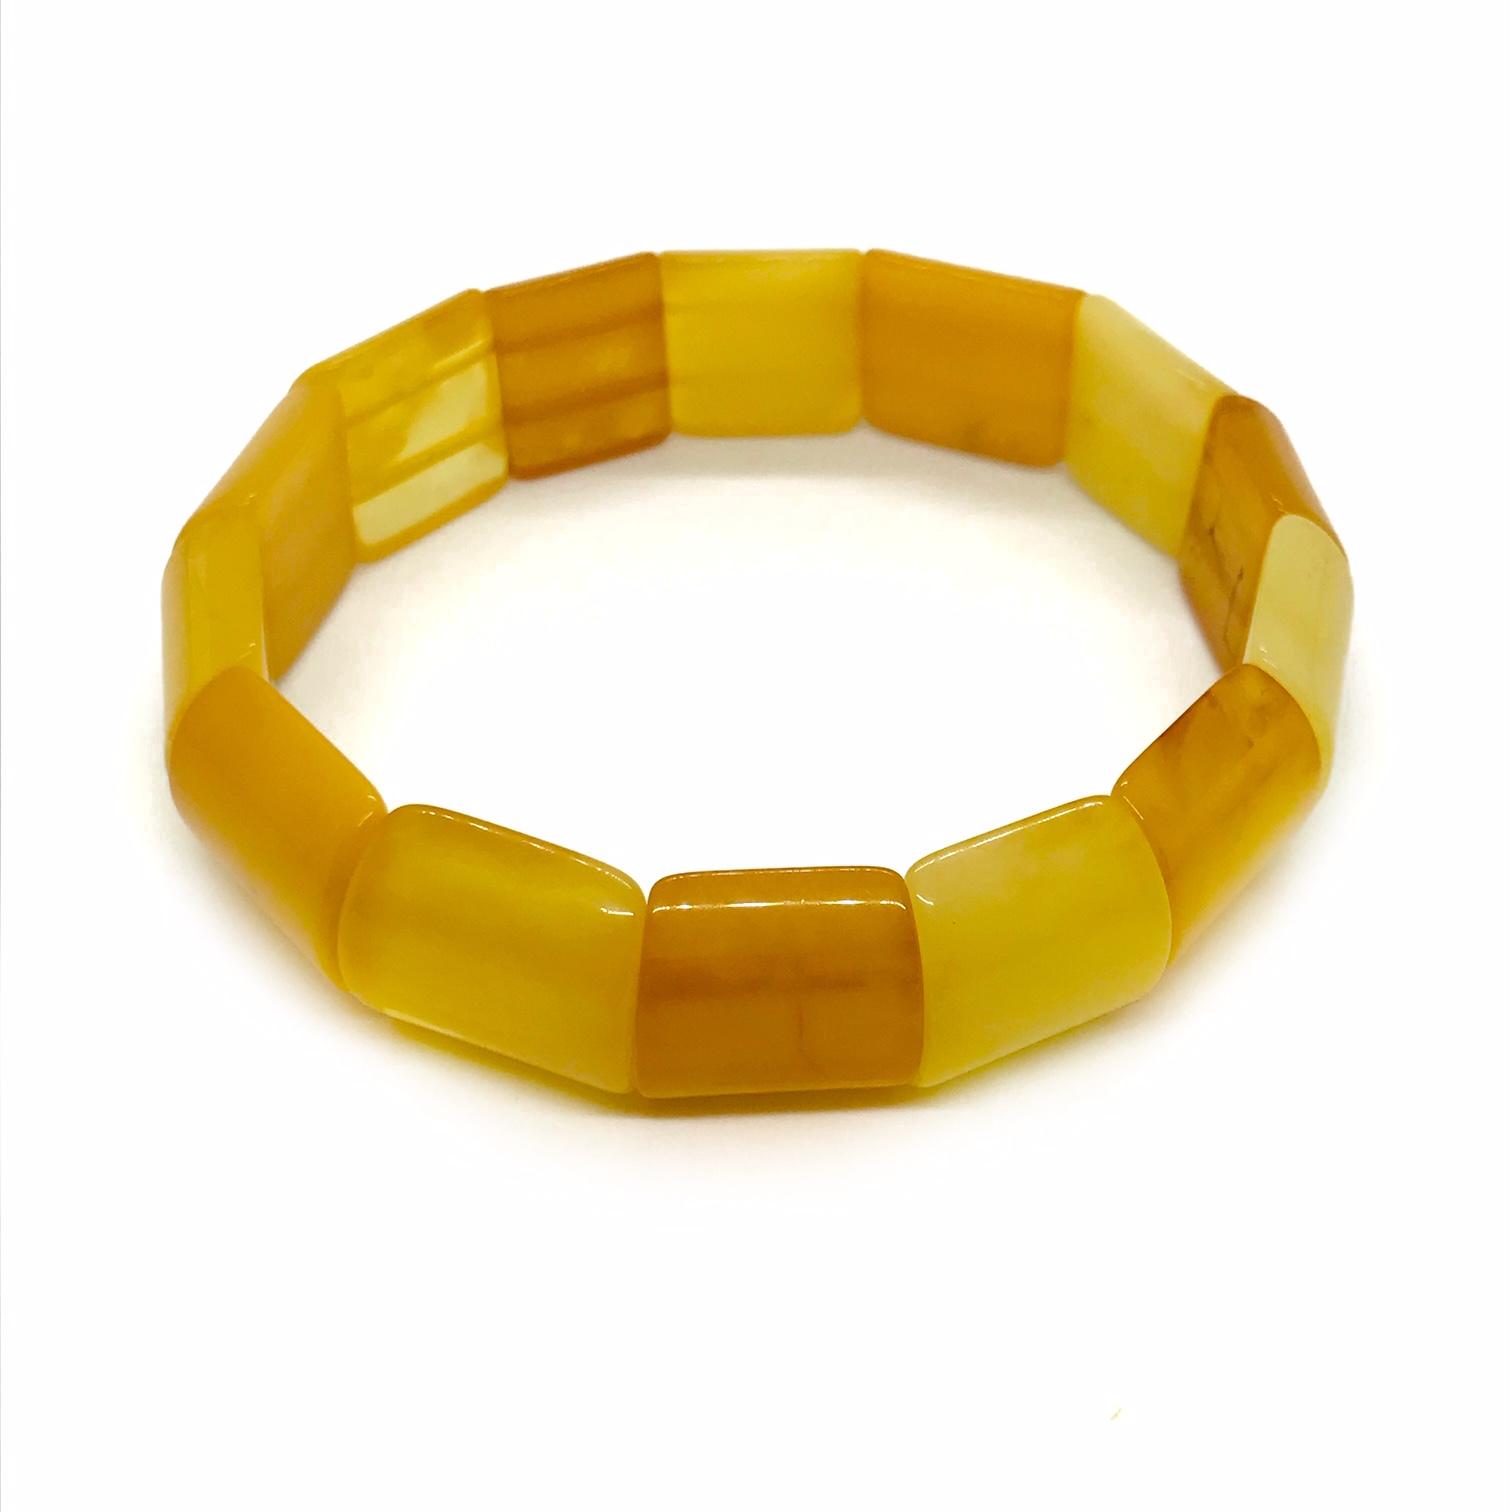 Butterscotch Amber Stretch Bracelet